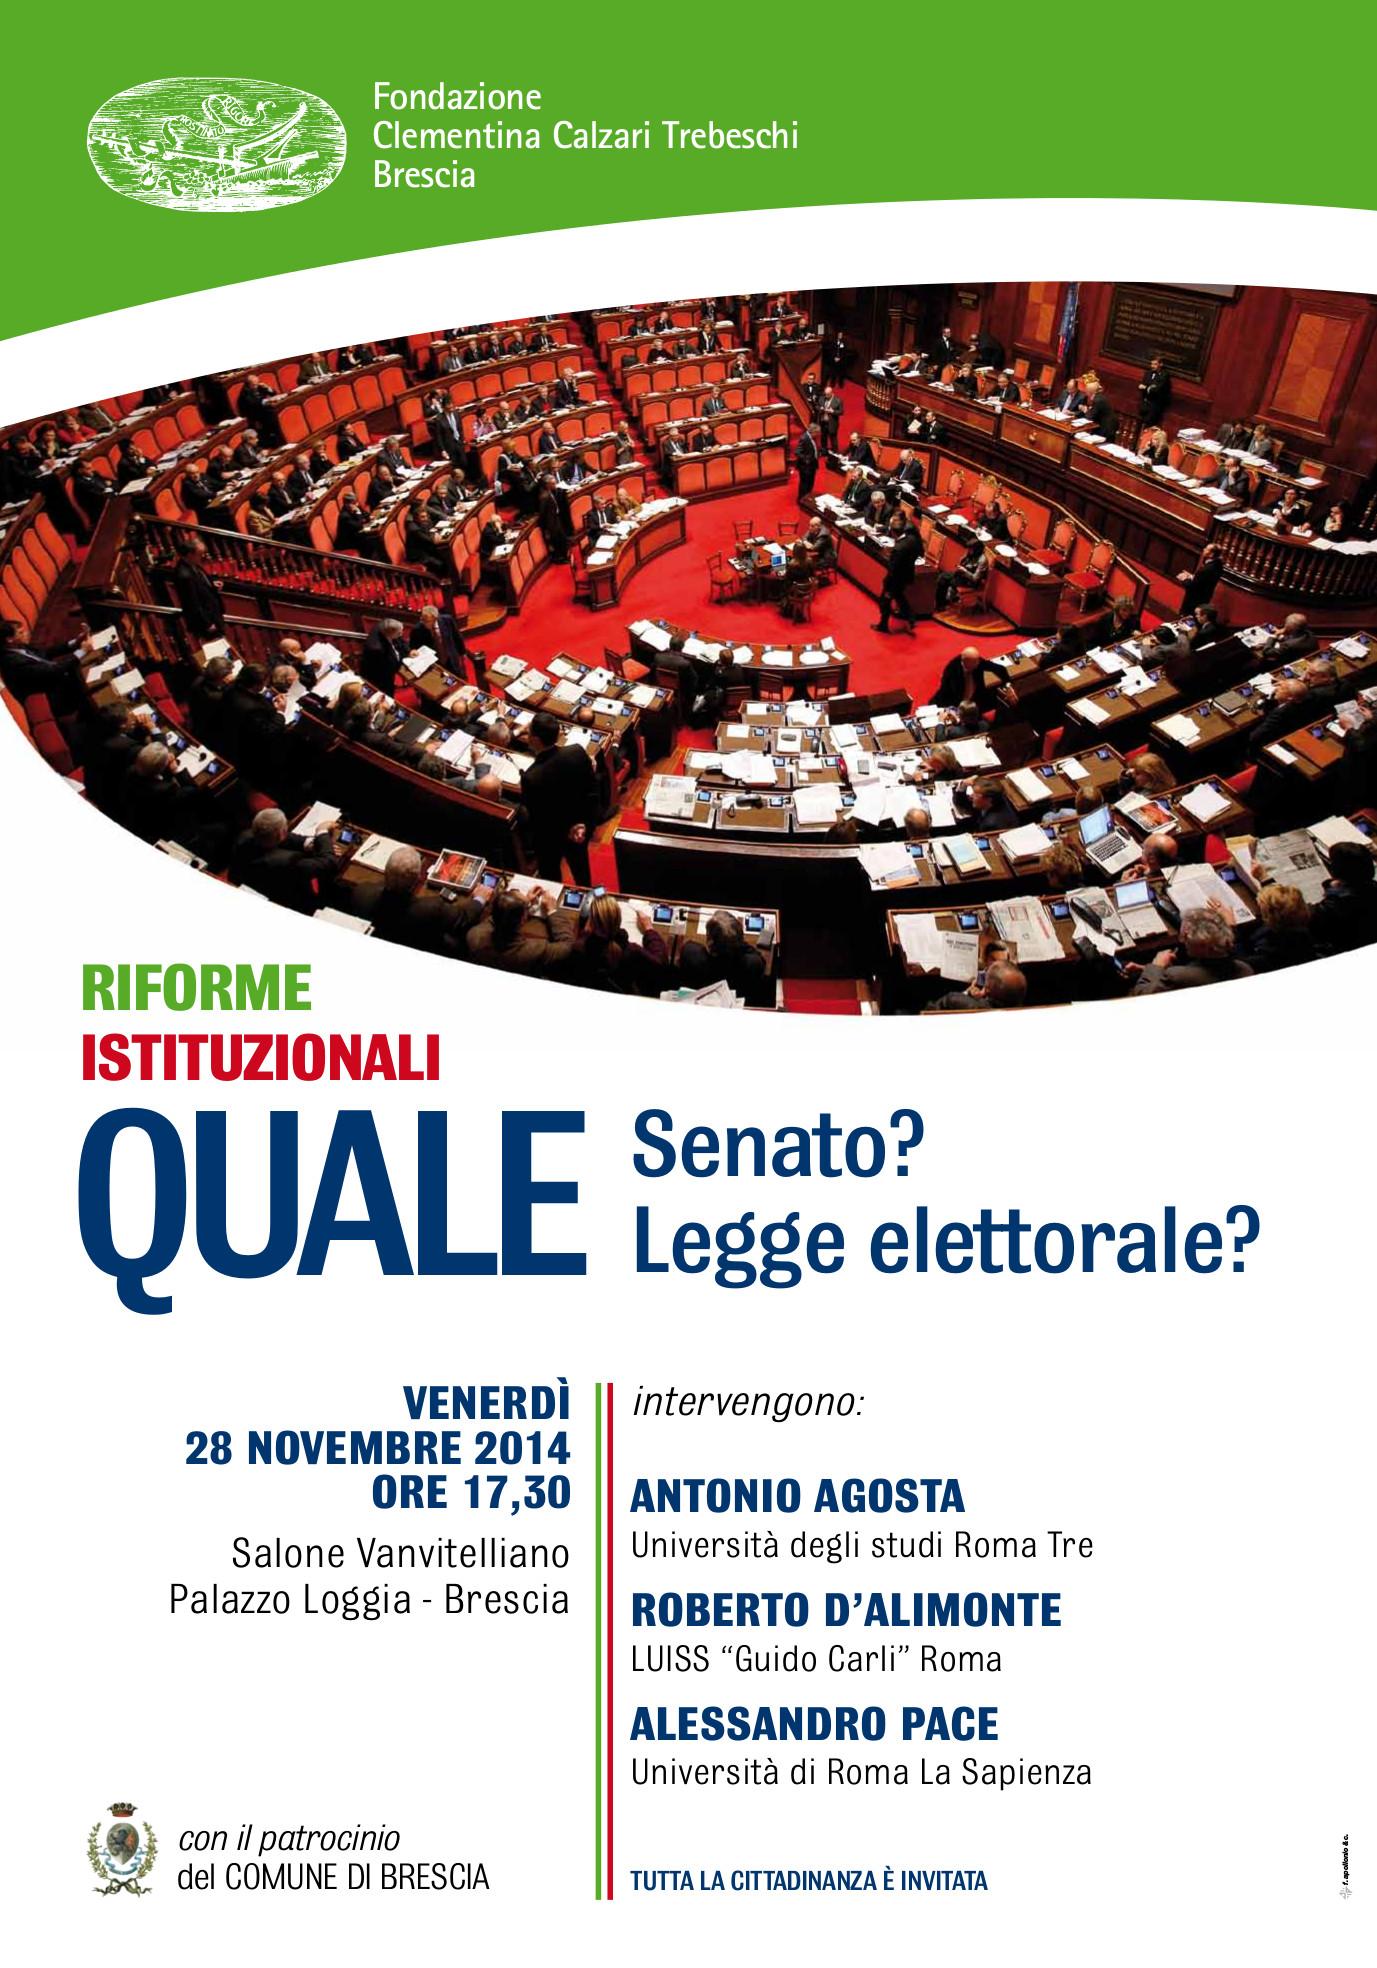 Riforme istituzionali: quale Senato? Quale legge elettorale?